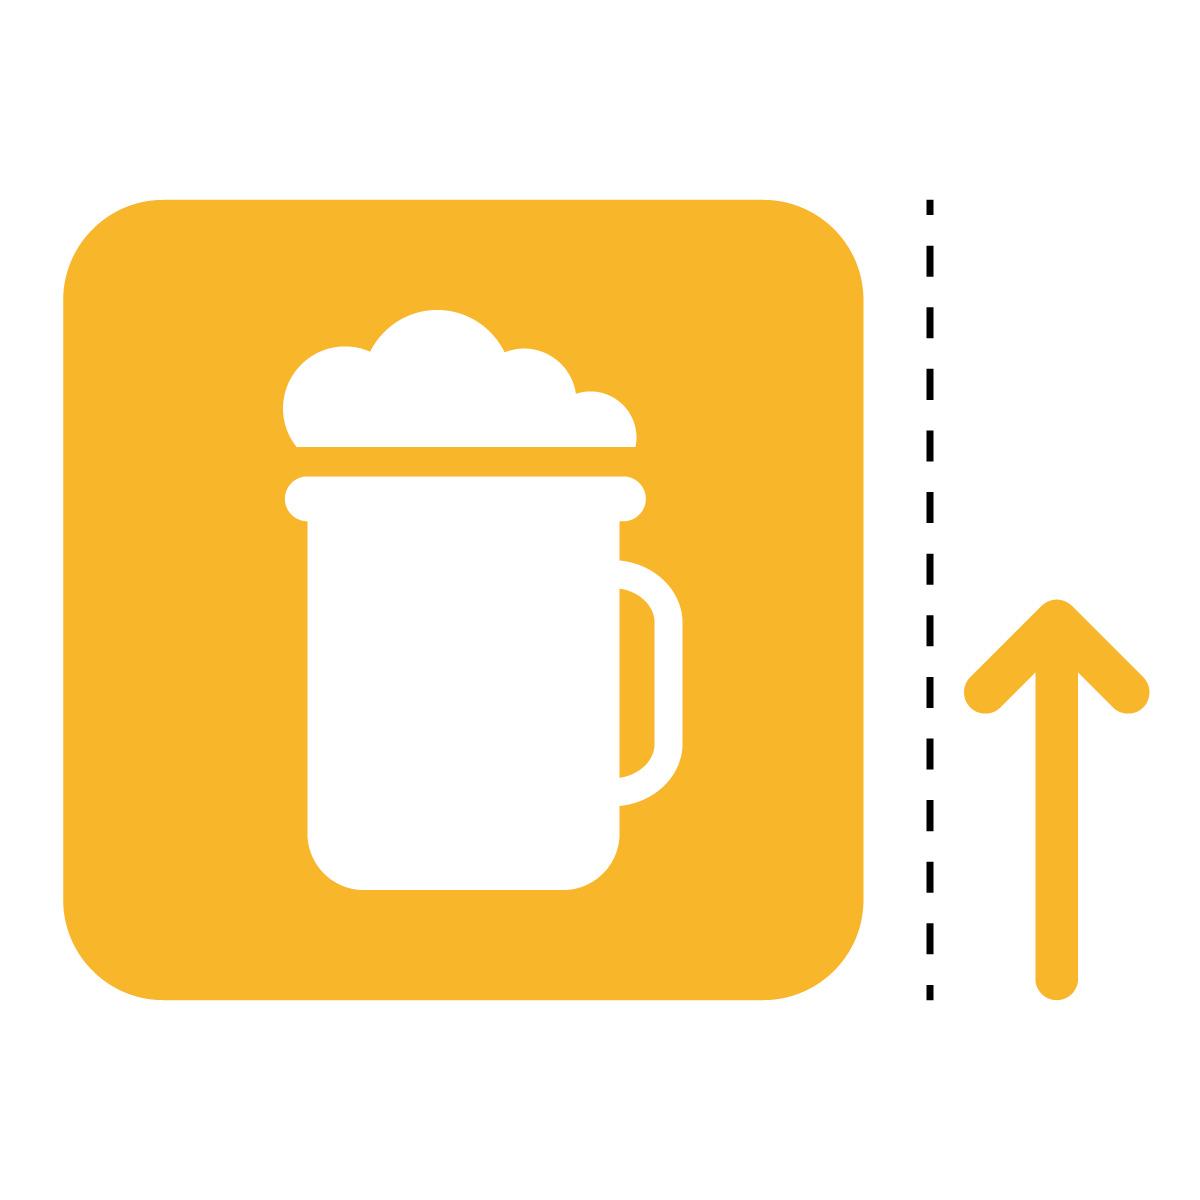 黄色のビール アルコール 案内 販売 マーク(矢印付き)のカッティング ステッカー シール 光沢タイプ・防水・耐水・屋外耐候3~4年